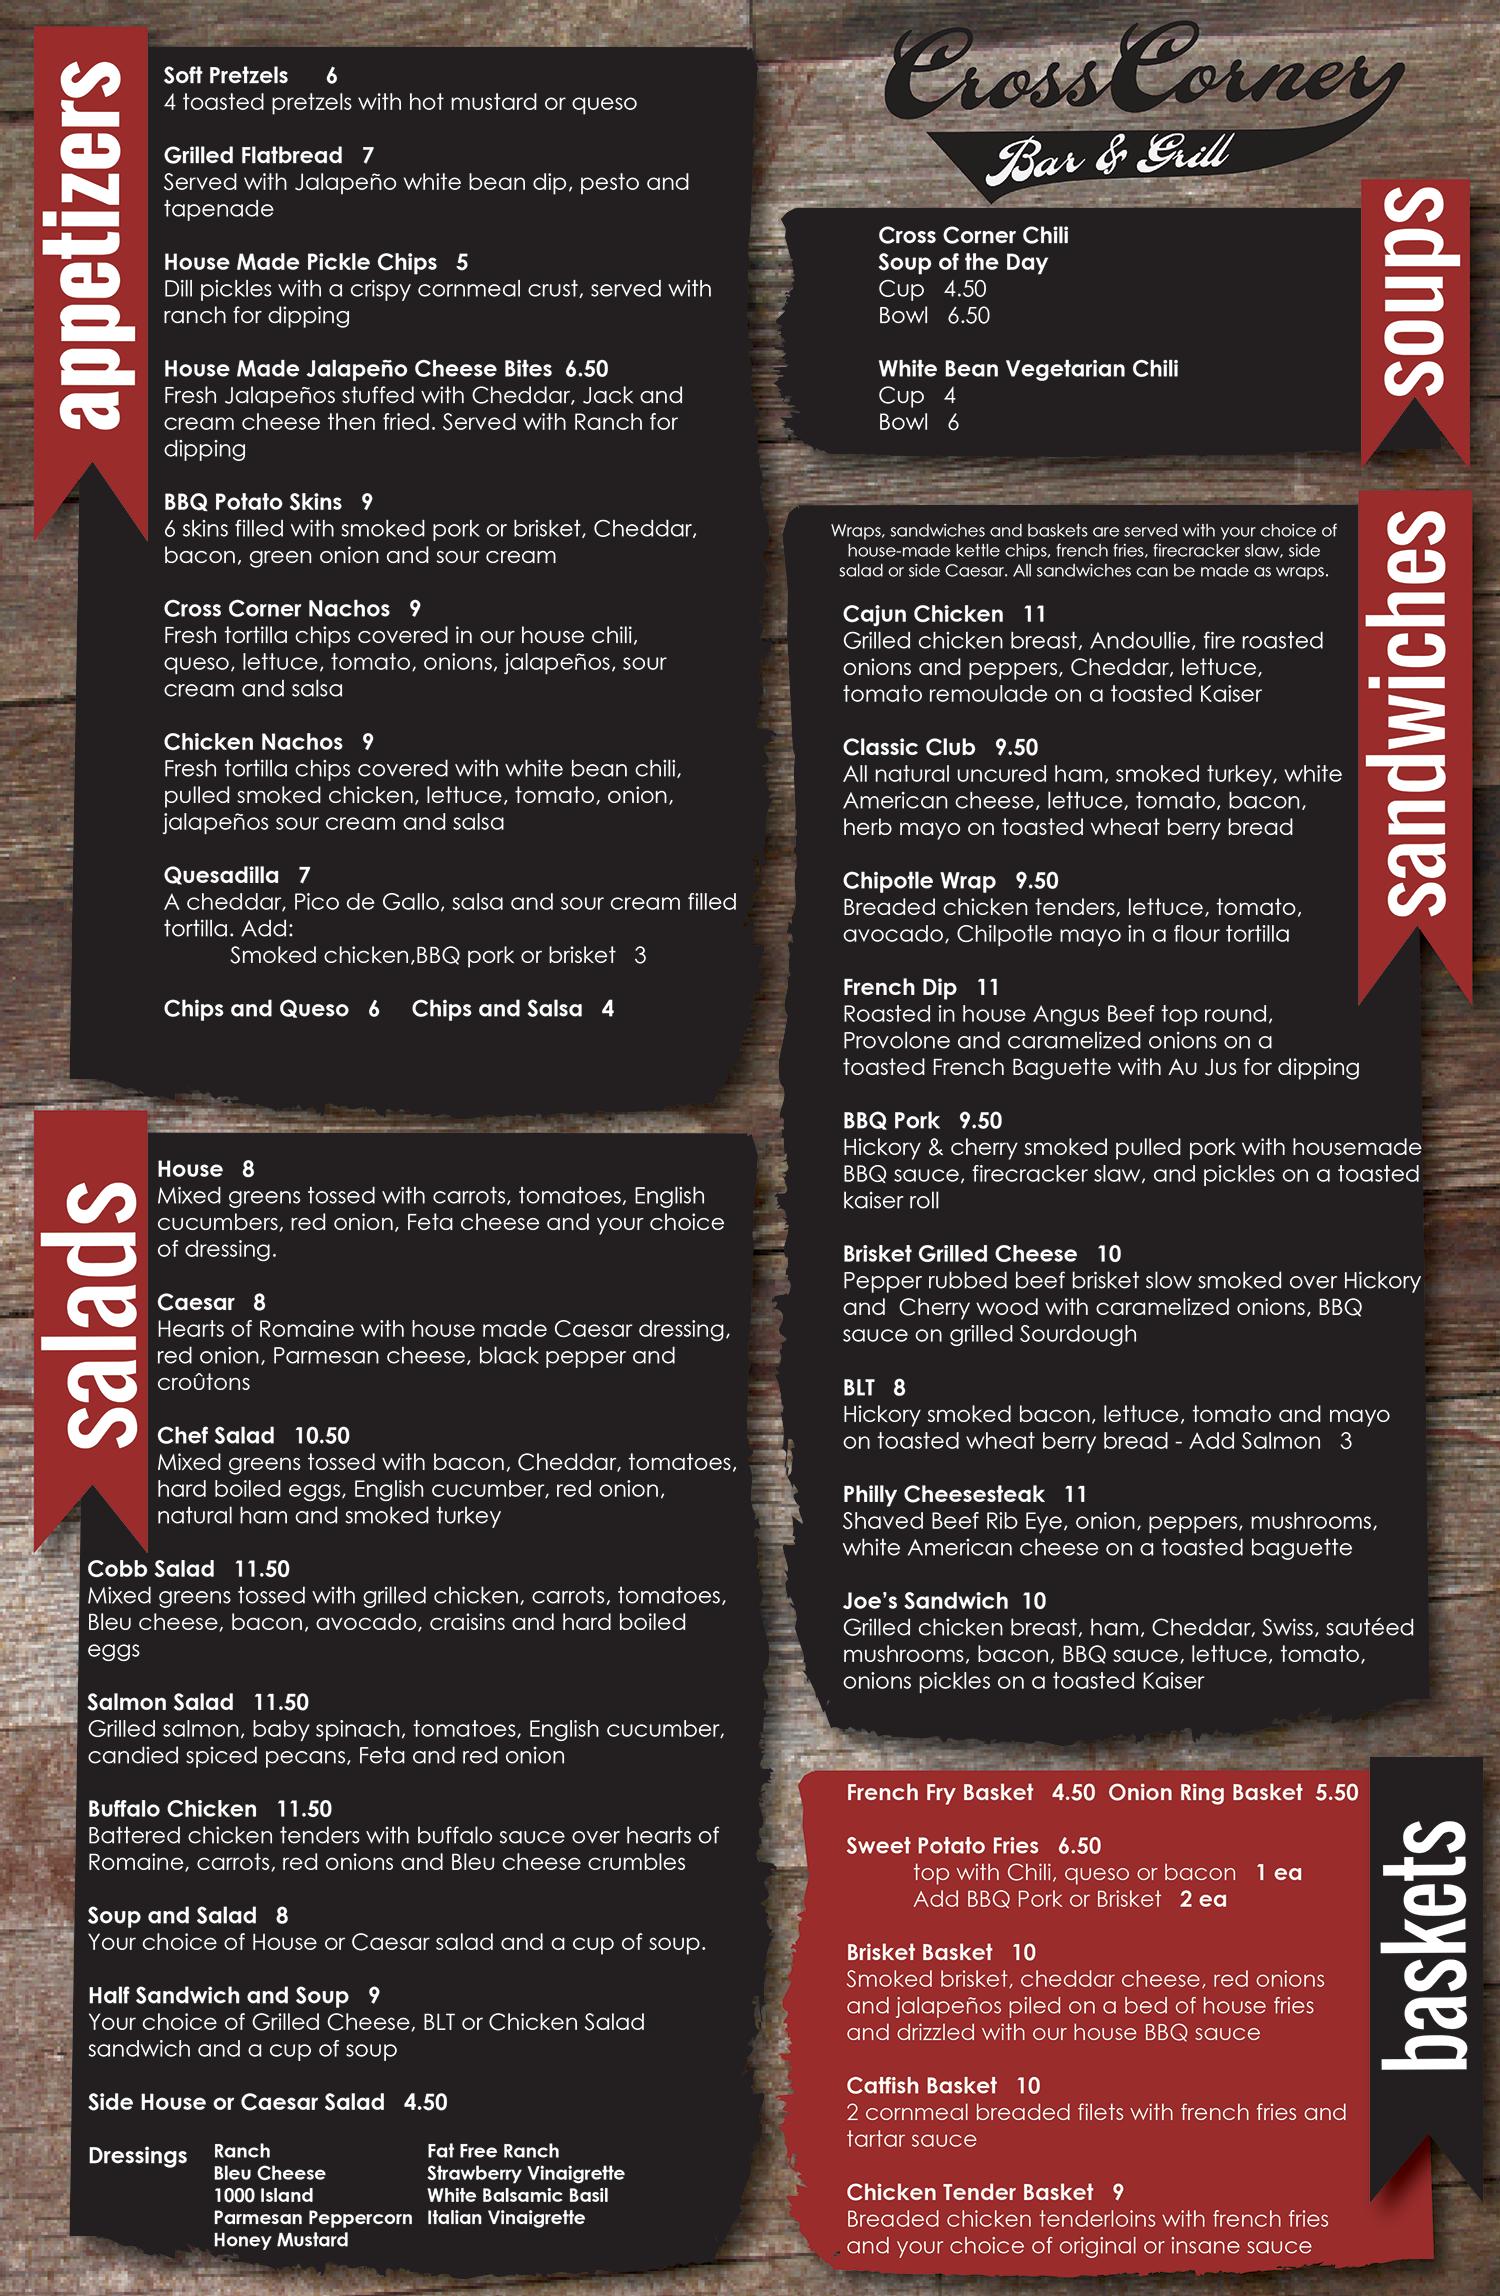 Cross Corner menu